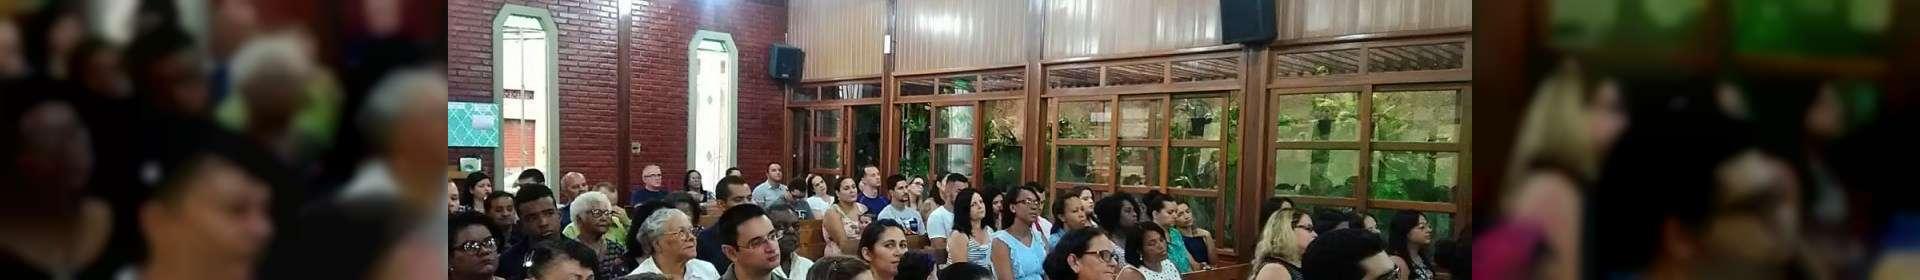 Igreja Cristã Maranata em São Paulo completa 11 anos